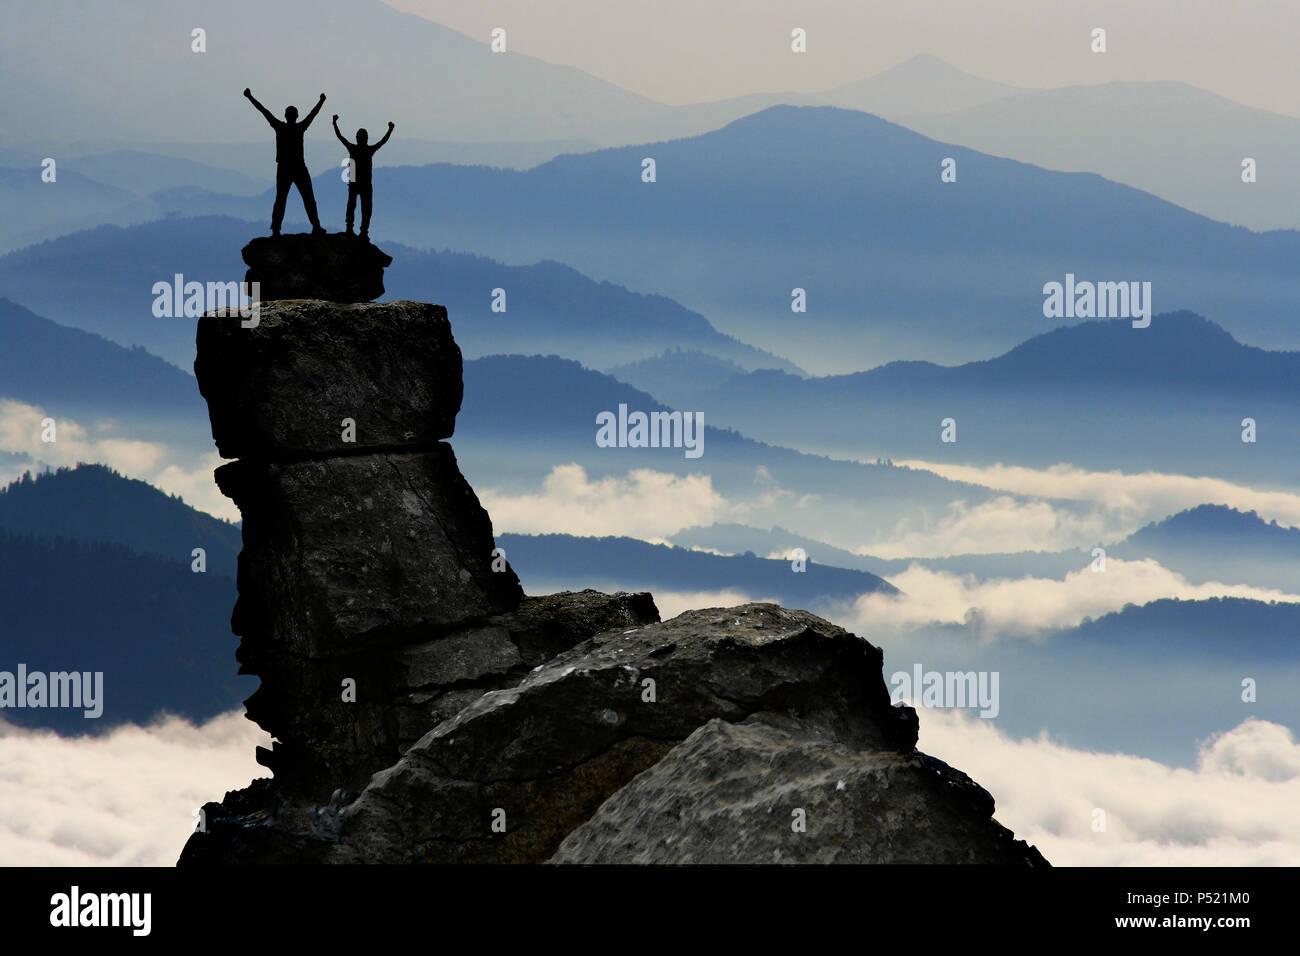 Strategia di successo e determinati e la fiducia in sé stessi Immagini Stock